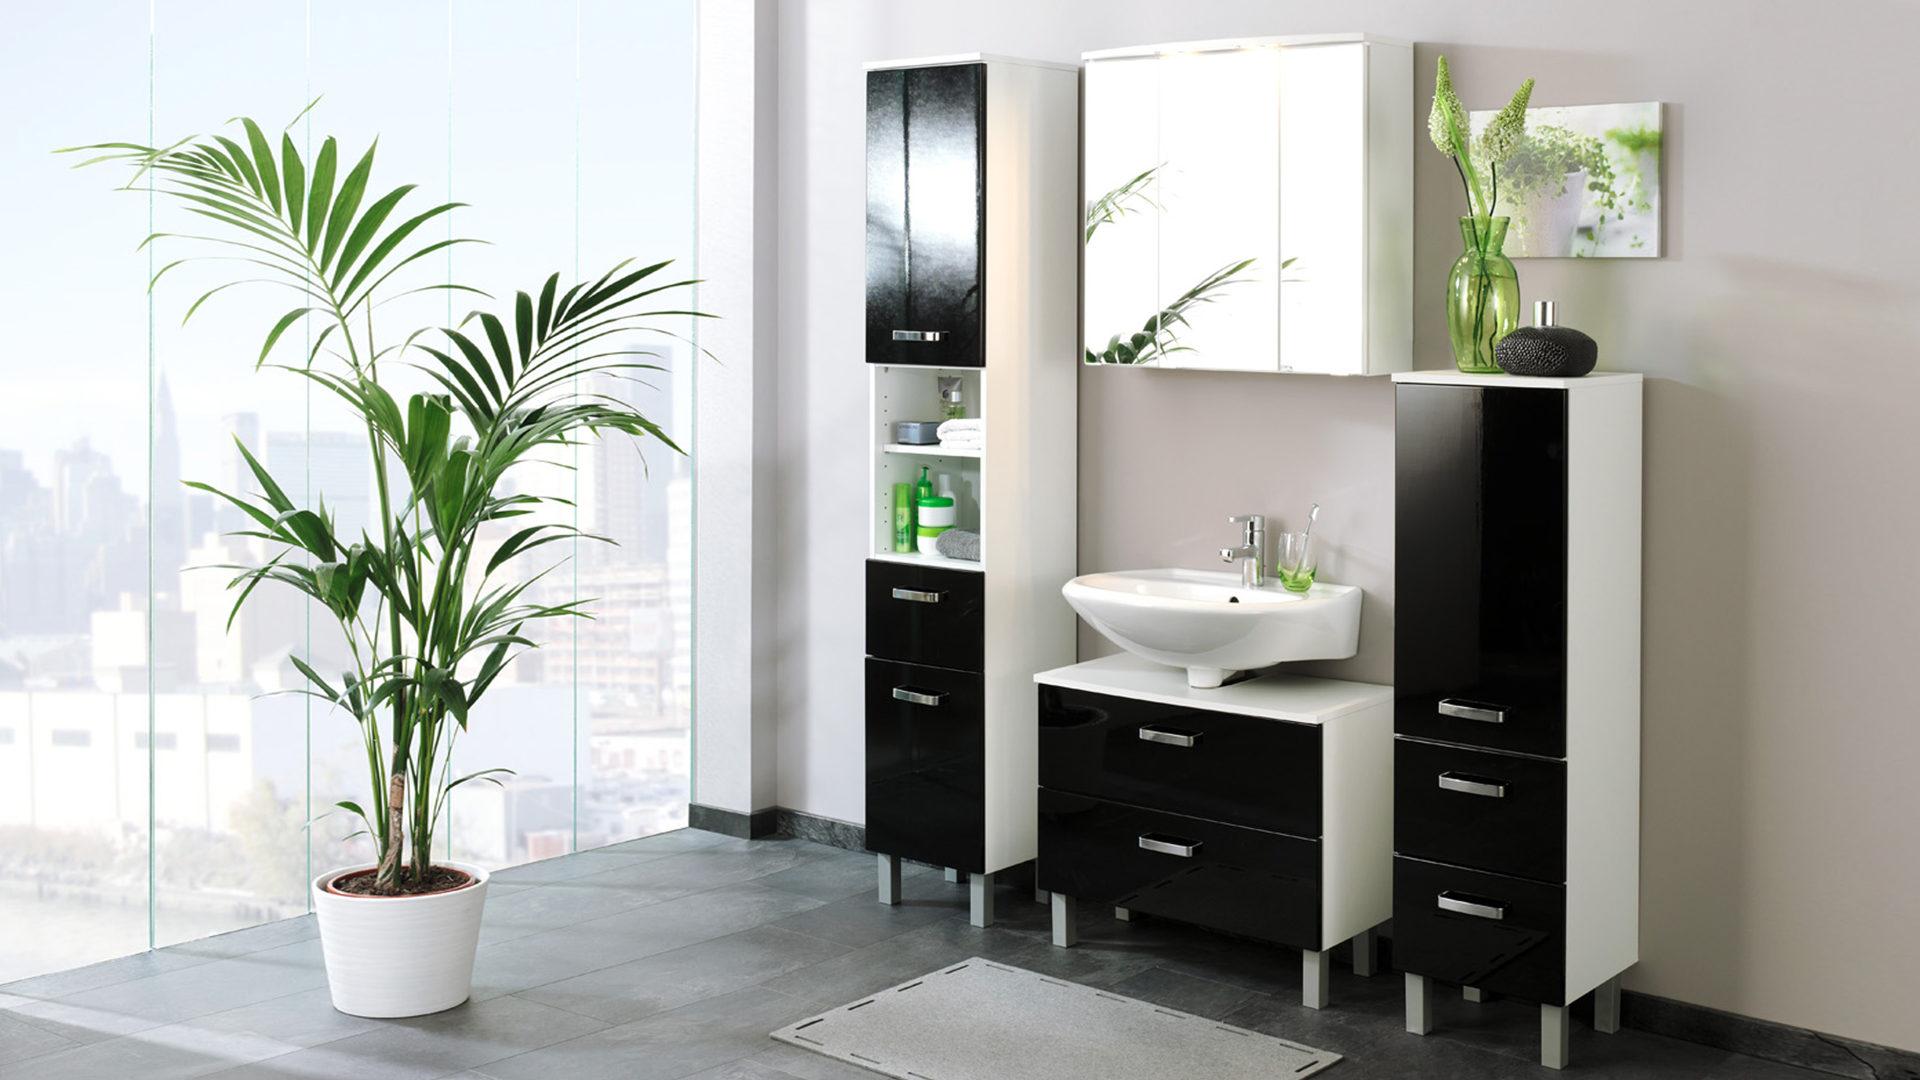 badmobel schwarz, bad-hängeschrank denver als elegantes badmöbel , schwarze hochglanz, Design ideen